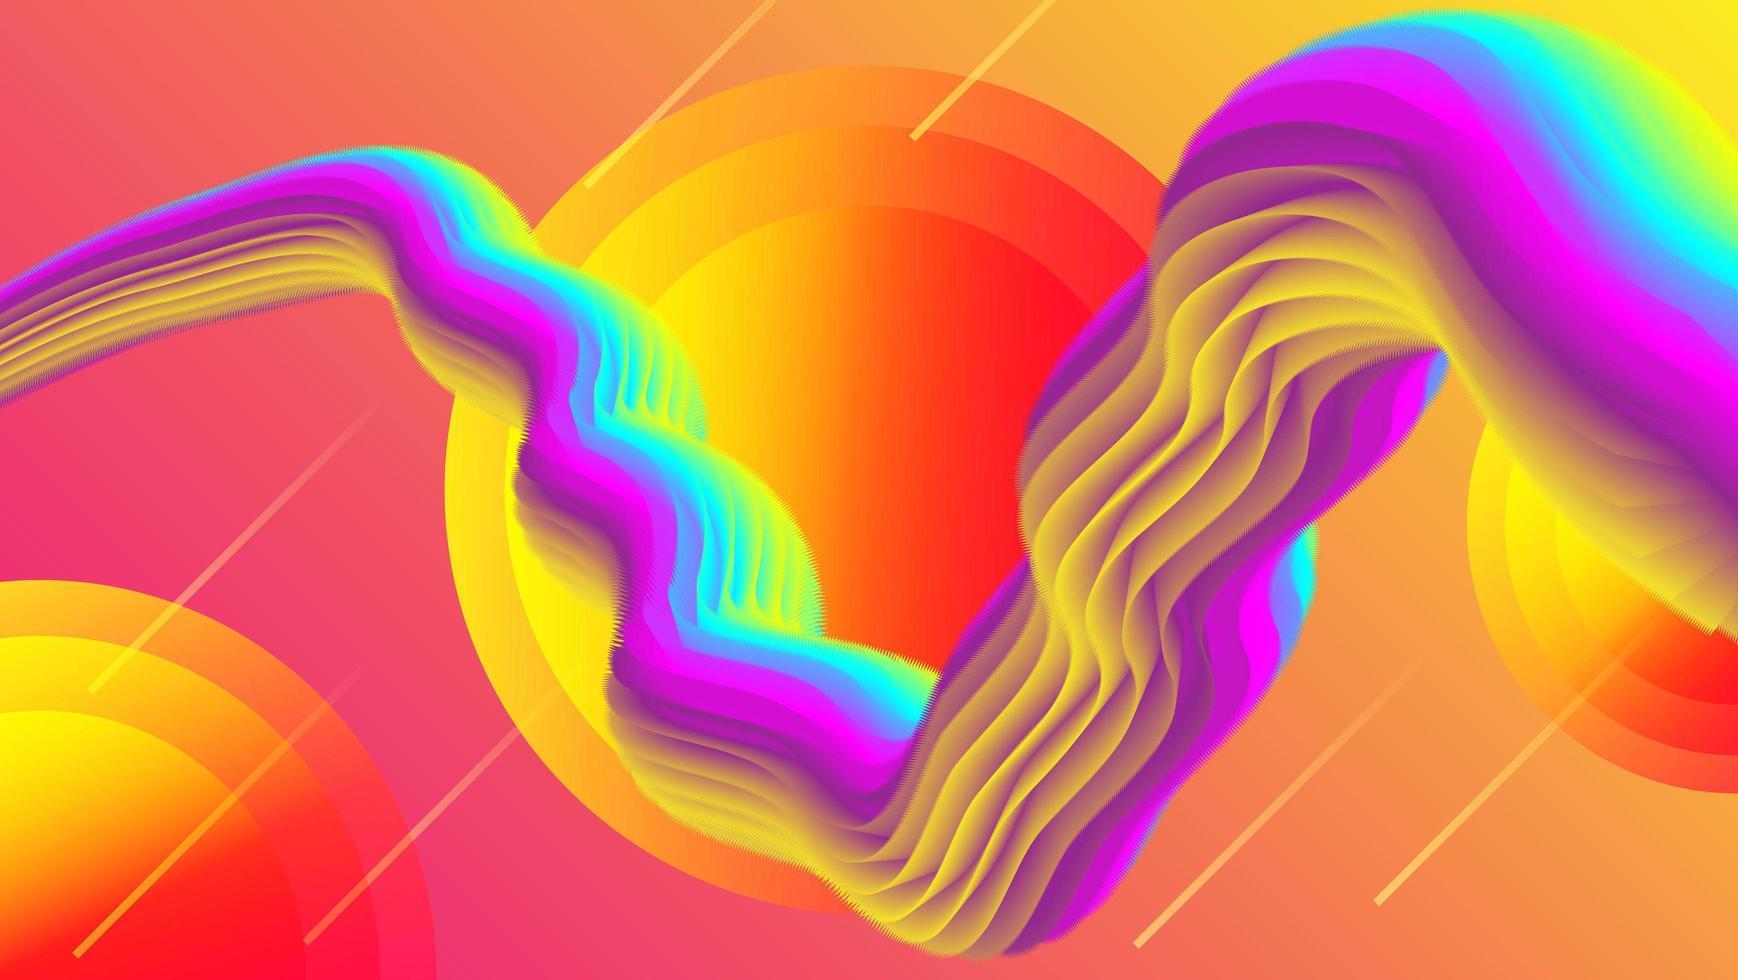 Design in marmo colorato fluido vettore